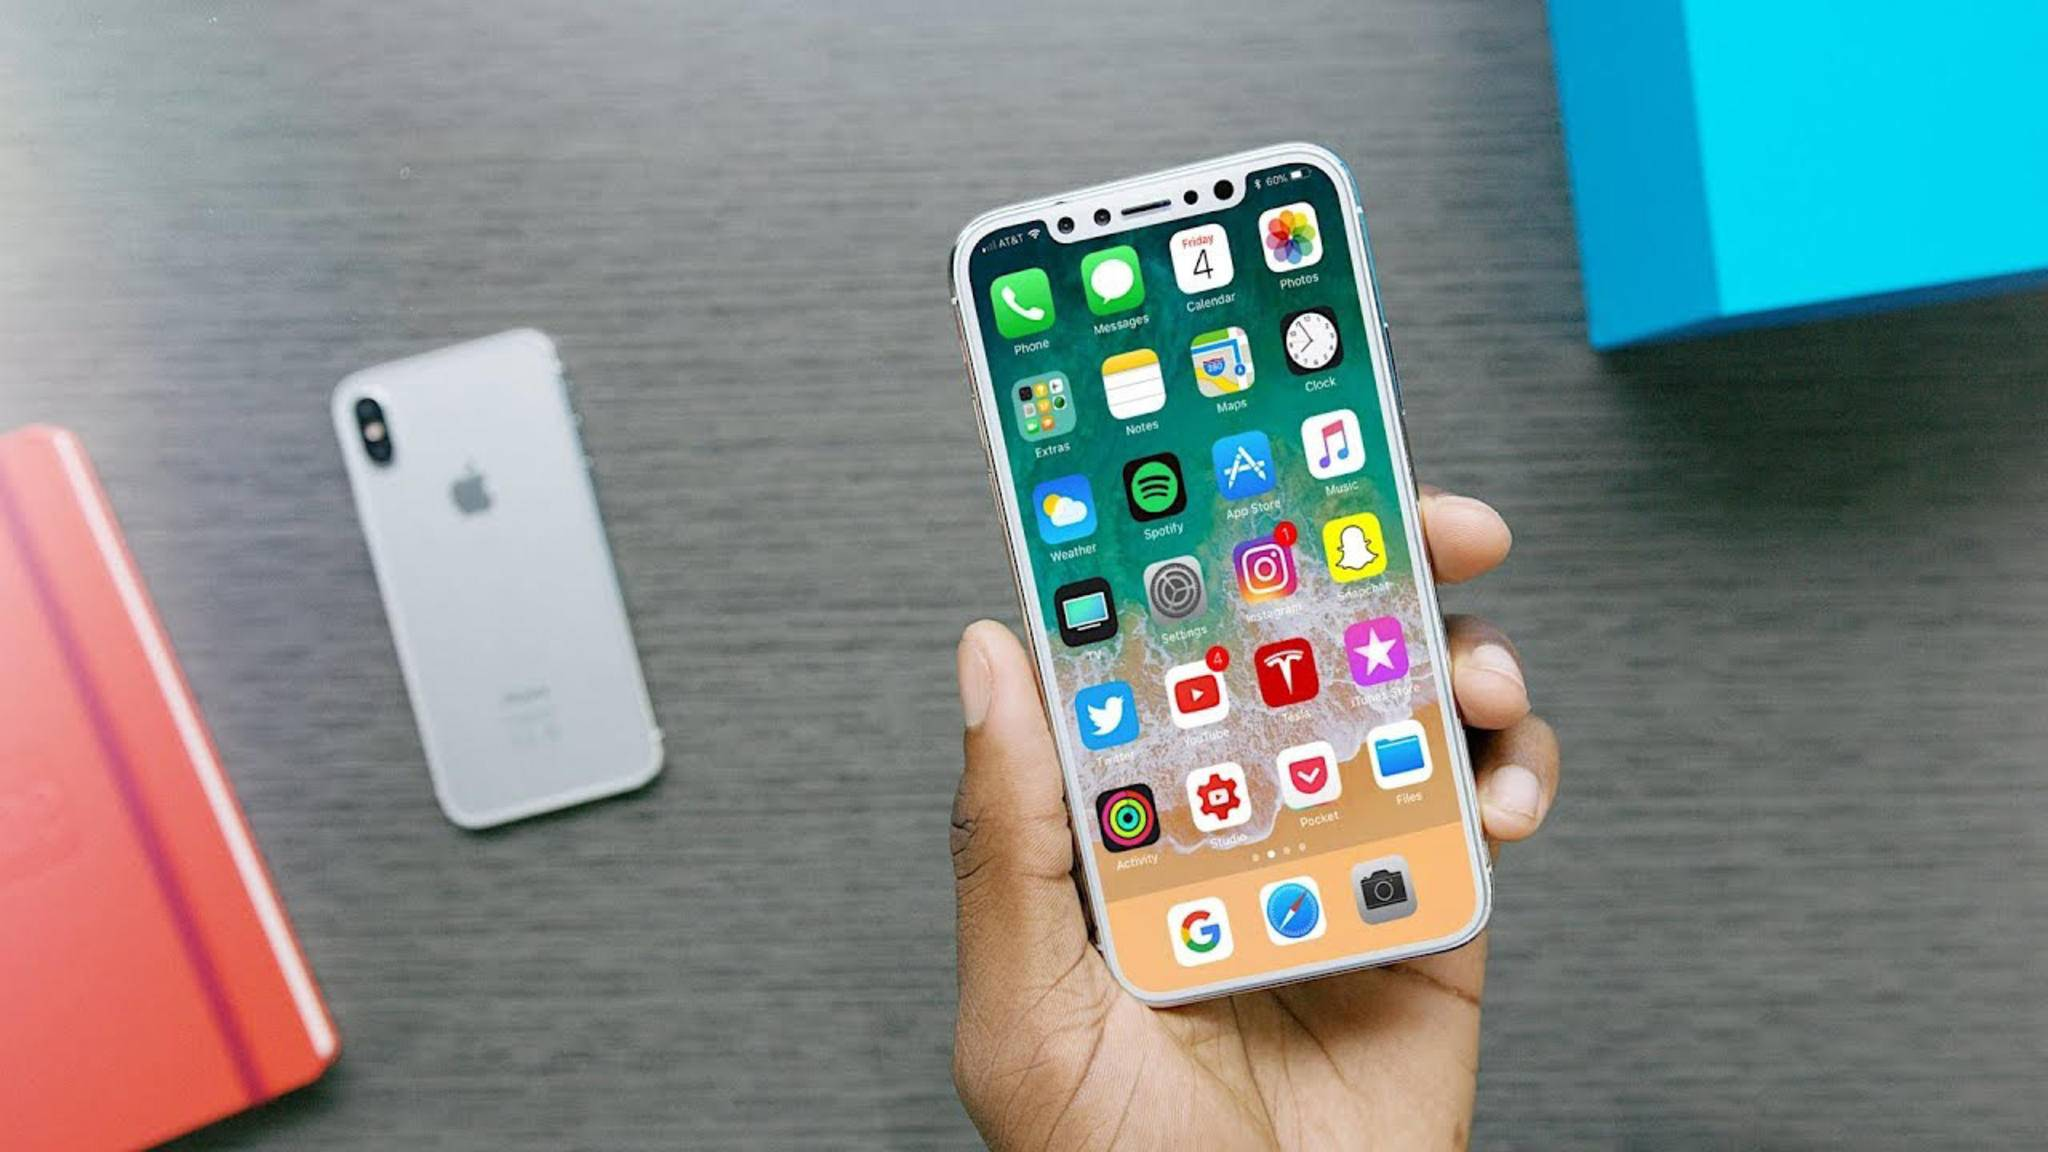 Das iPhone 8 soll angeblich noch nicht den neuen Qi-Standard für ein schnelles Wireless Charging unterstützen.